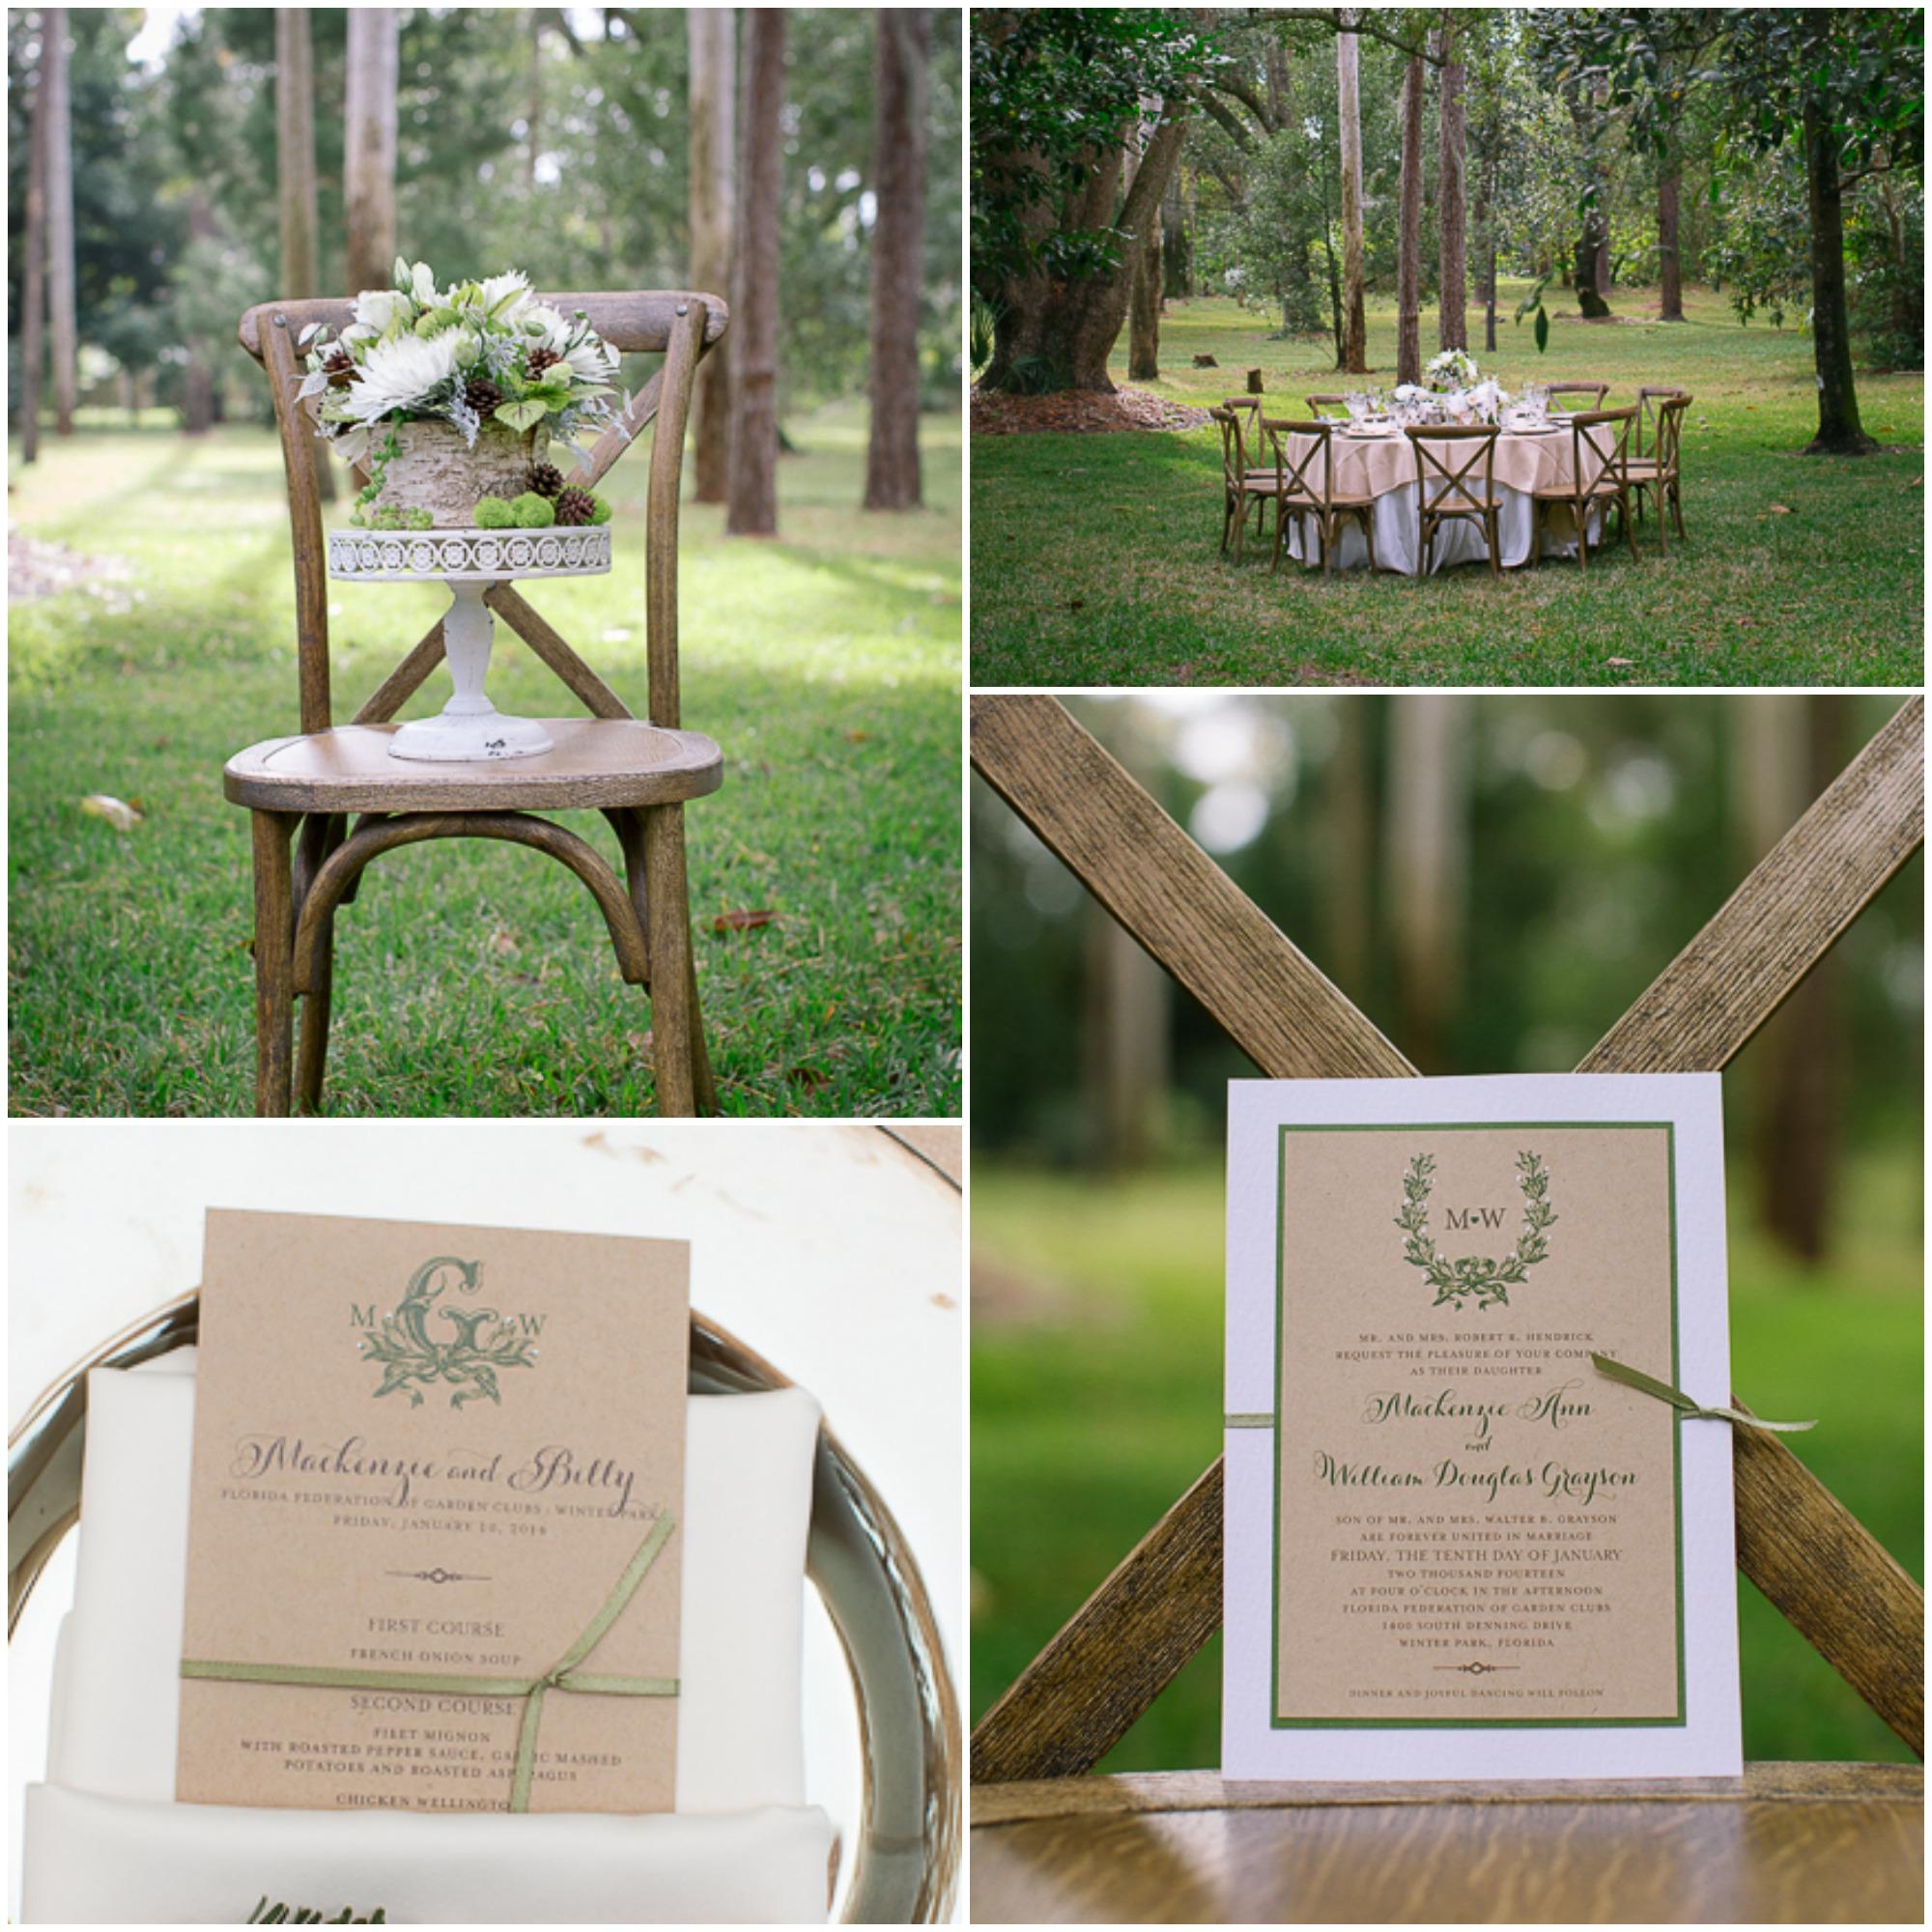 Rustic Back Yard Wedding Ideas: Woodland Rustic Wedding Inspiration